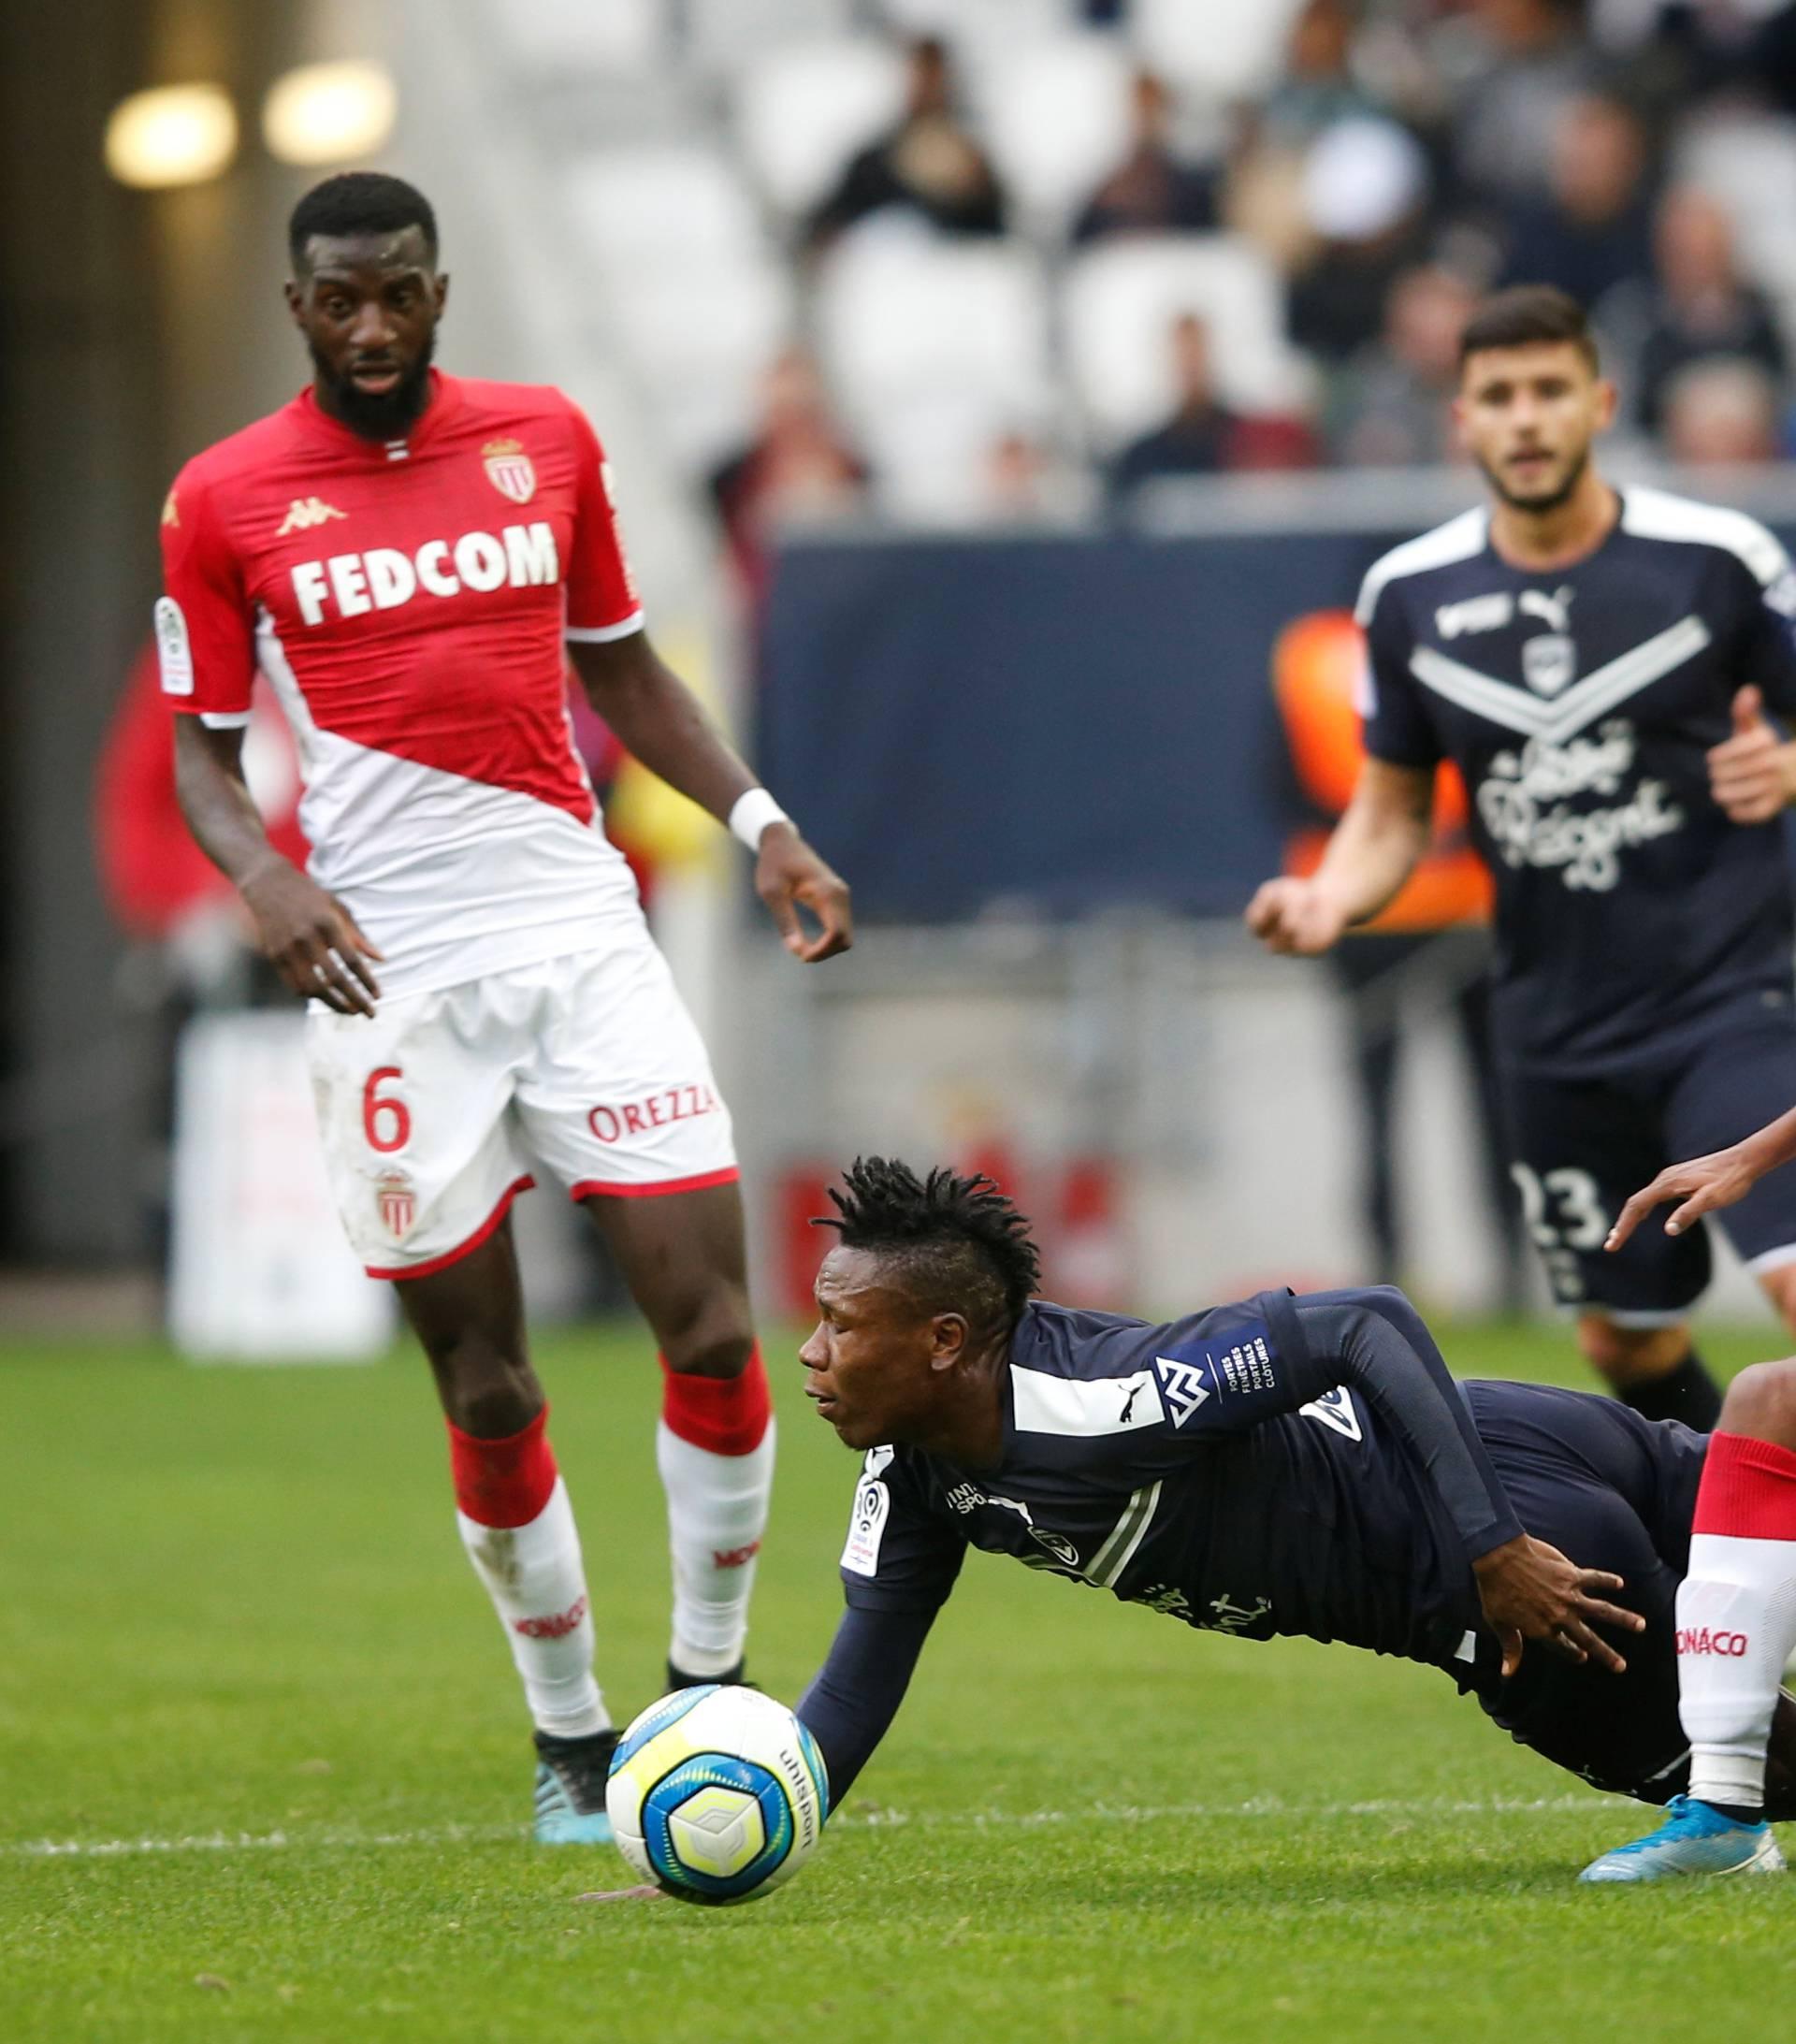 Ligue 1 - Bordeaux v AS Monaco